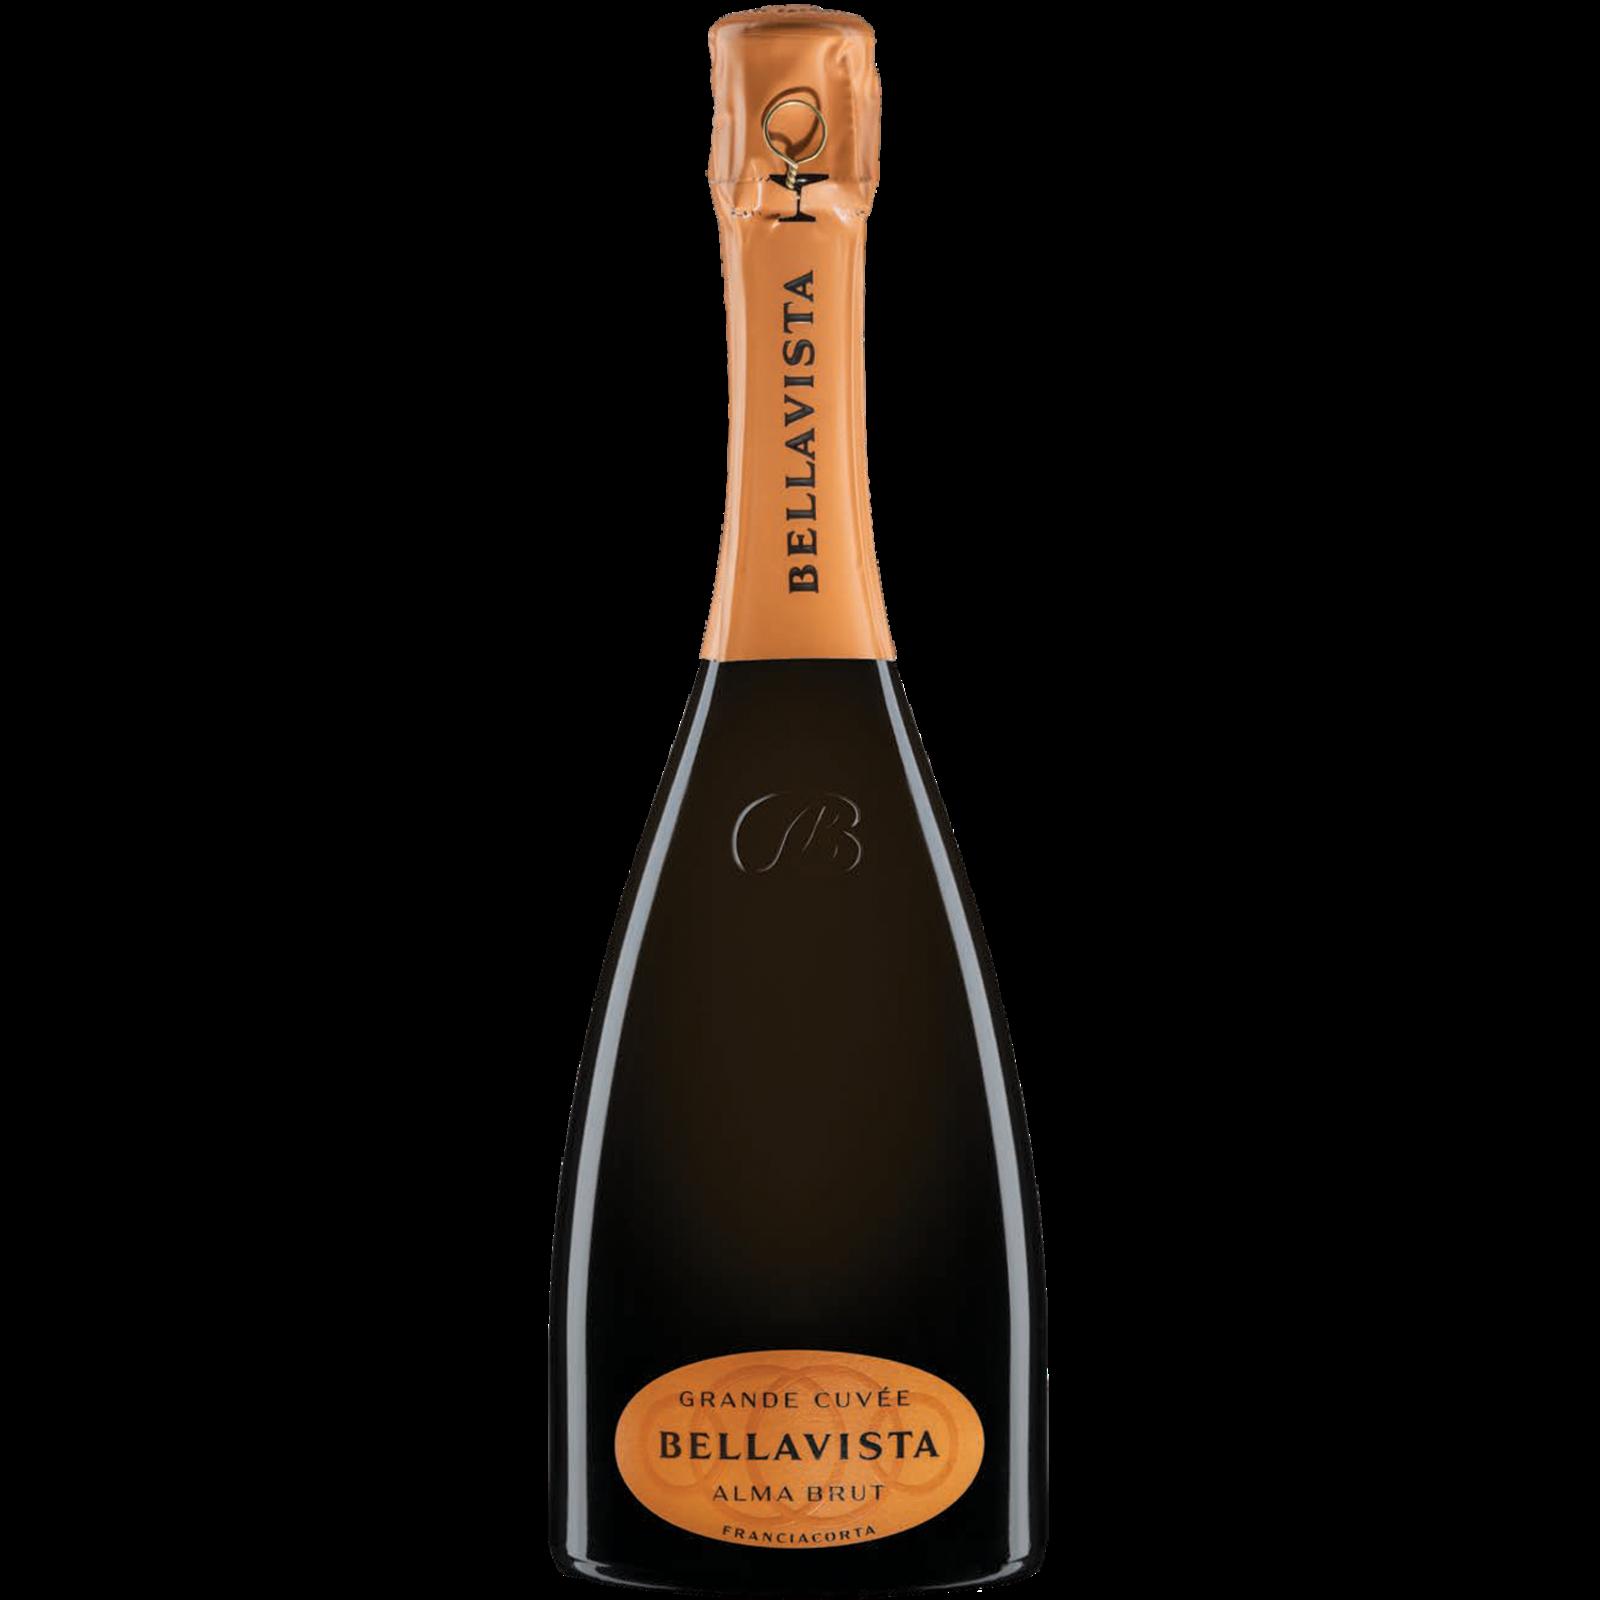 Bellavista Franciacorta Bellavista Alma Gran Cuvée Brut (0,375)